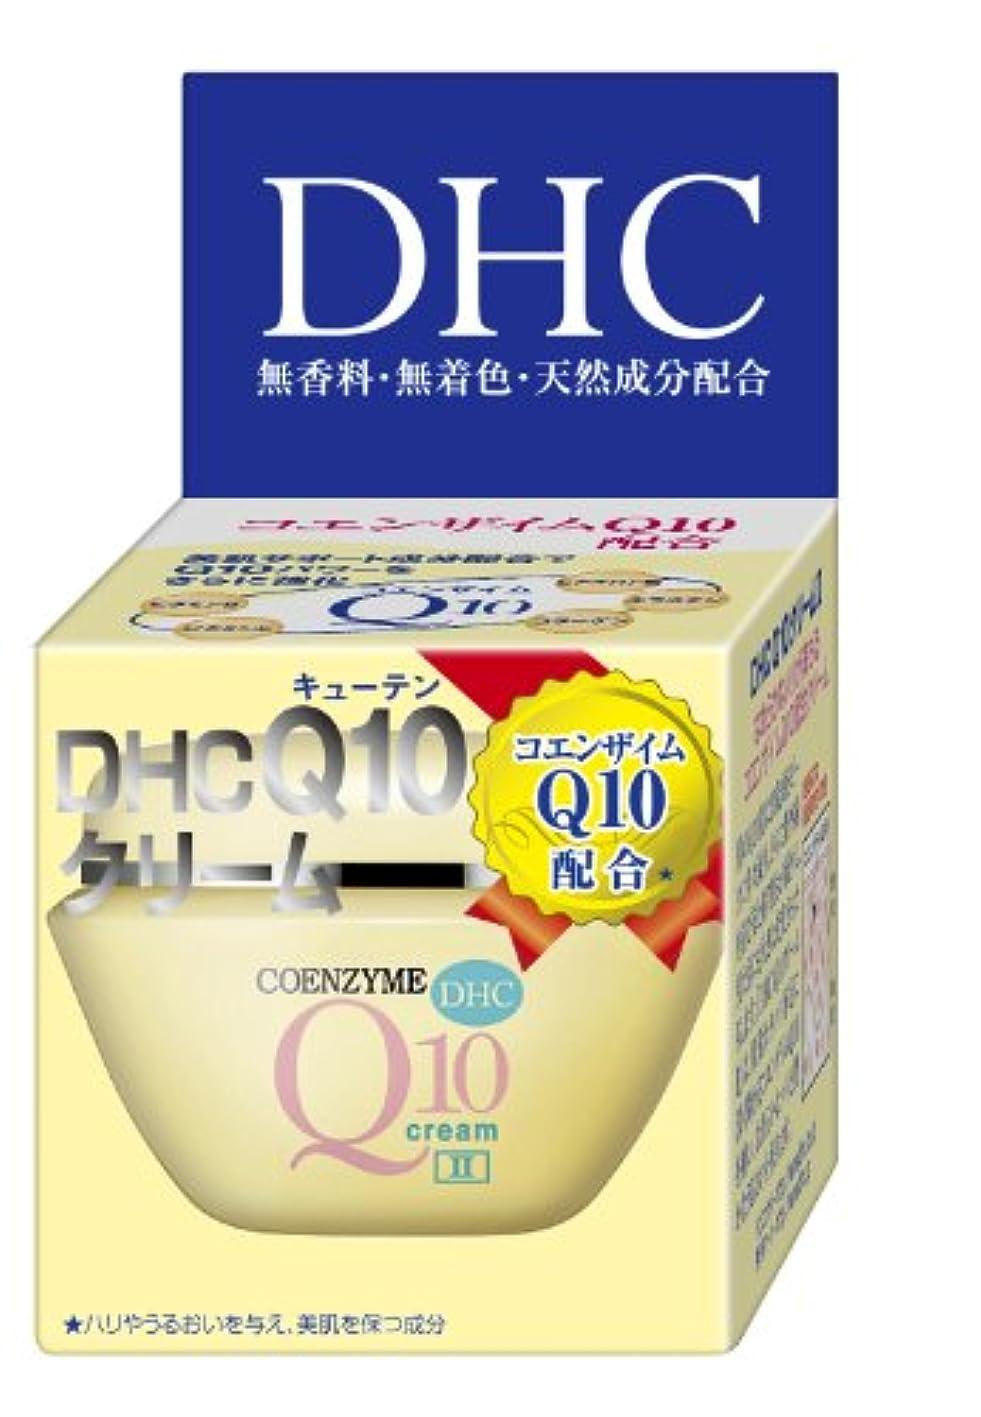 マカダム病んでいる選択するDHC Q10クリームII (SS) 20g